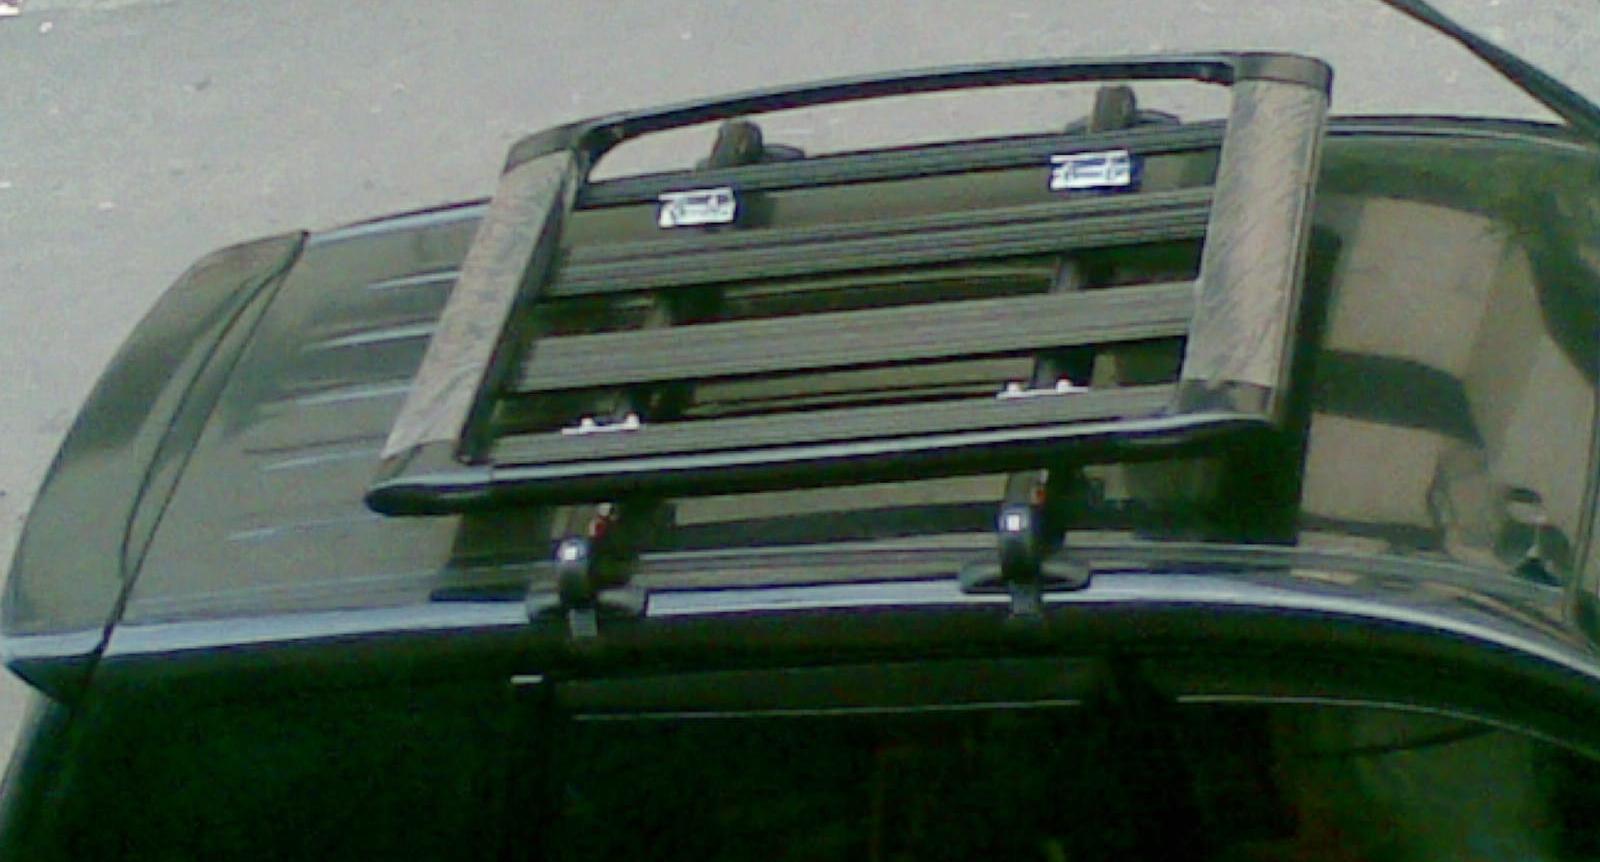 Tata Fortuna Variasi Mobil Rak Bagasi Mobil Roof Rack